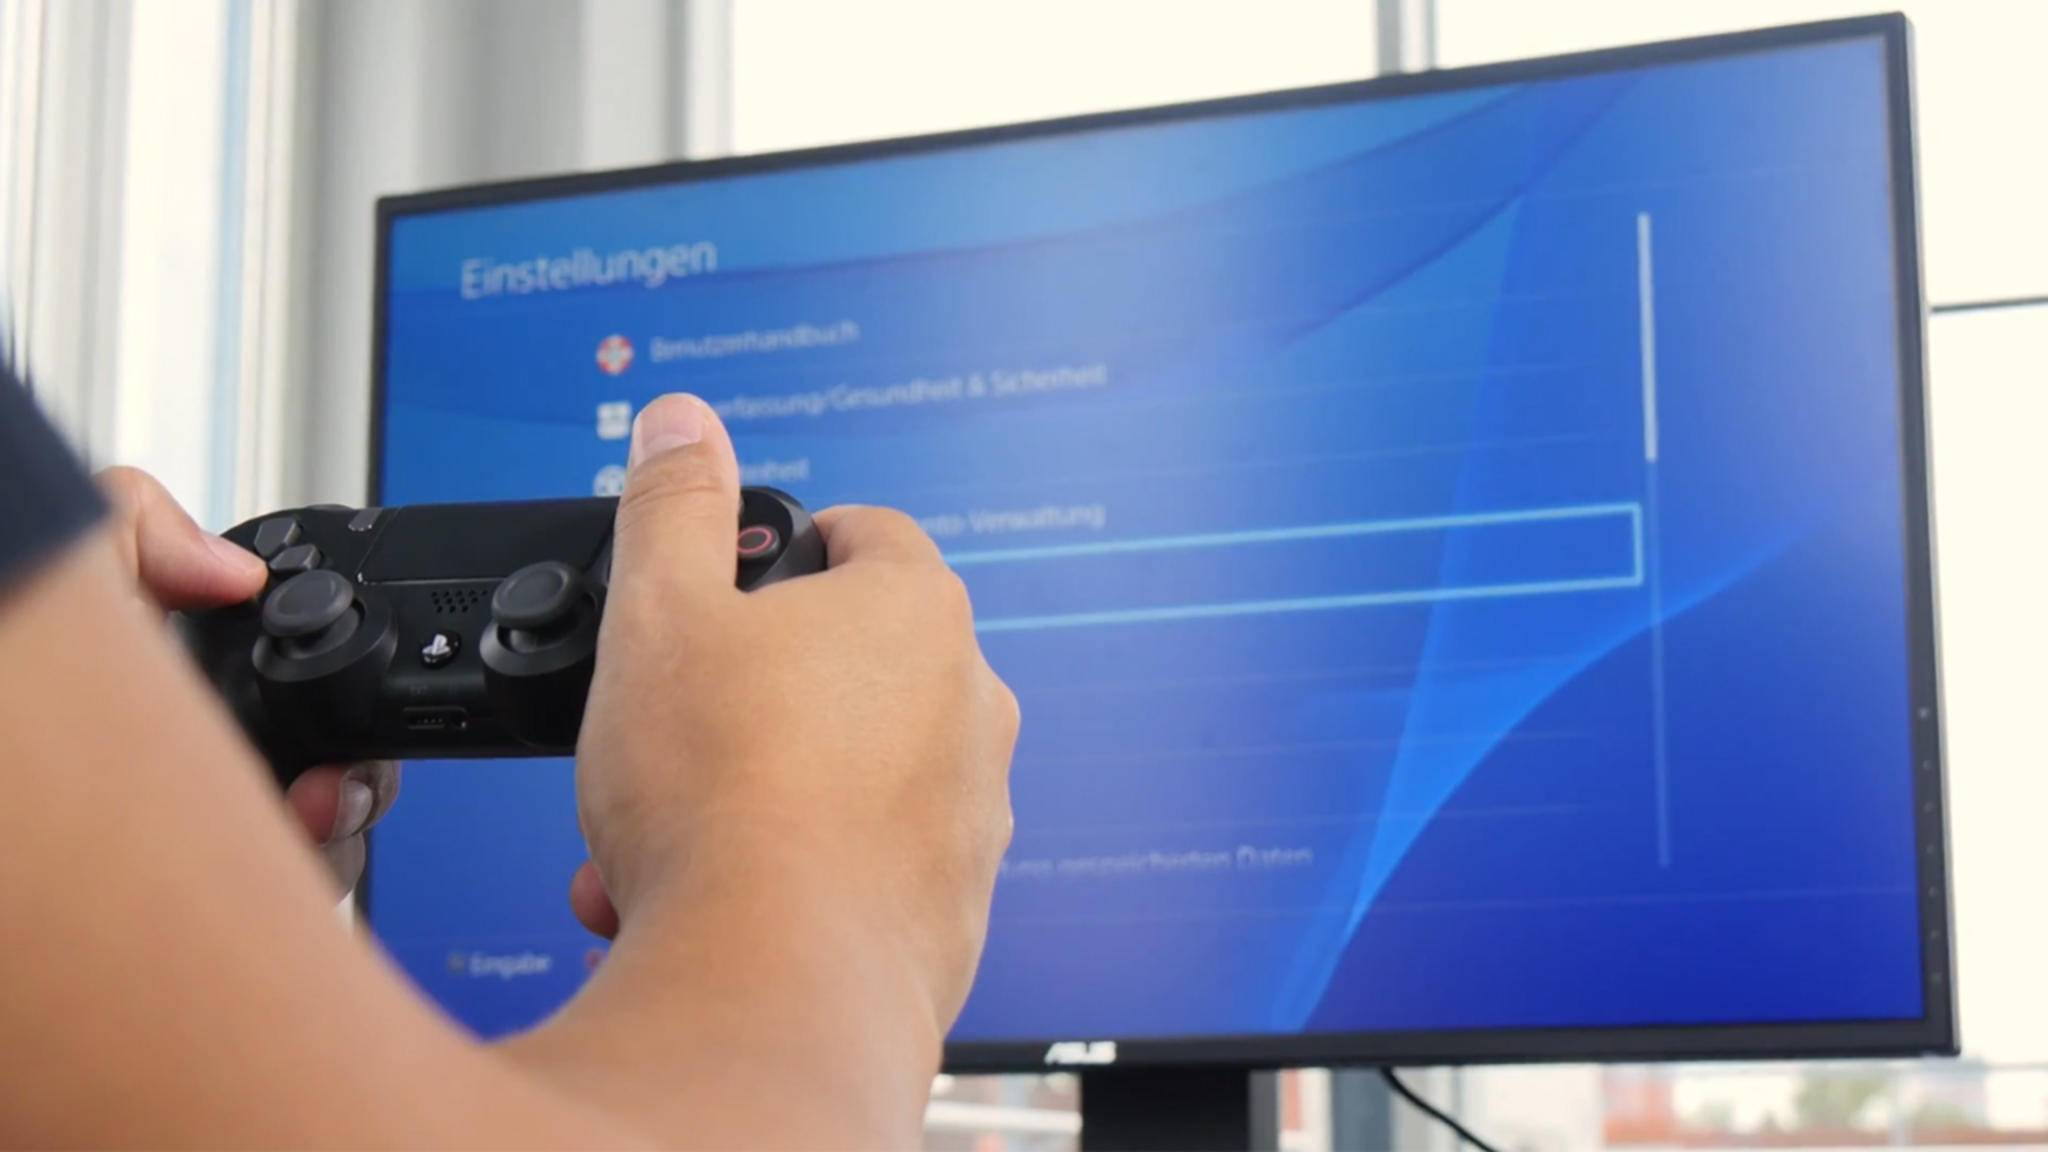 Der Download von Spielen soll der Netzneutralität zufolge ebenso mit voller Geschwindigkeit erfolgen wie der von Soßenrezepten.